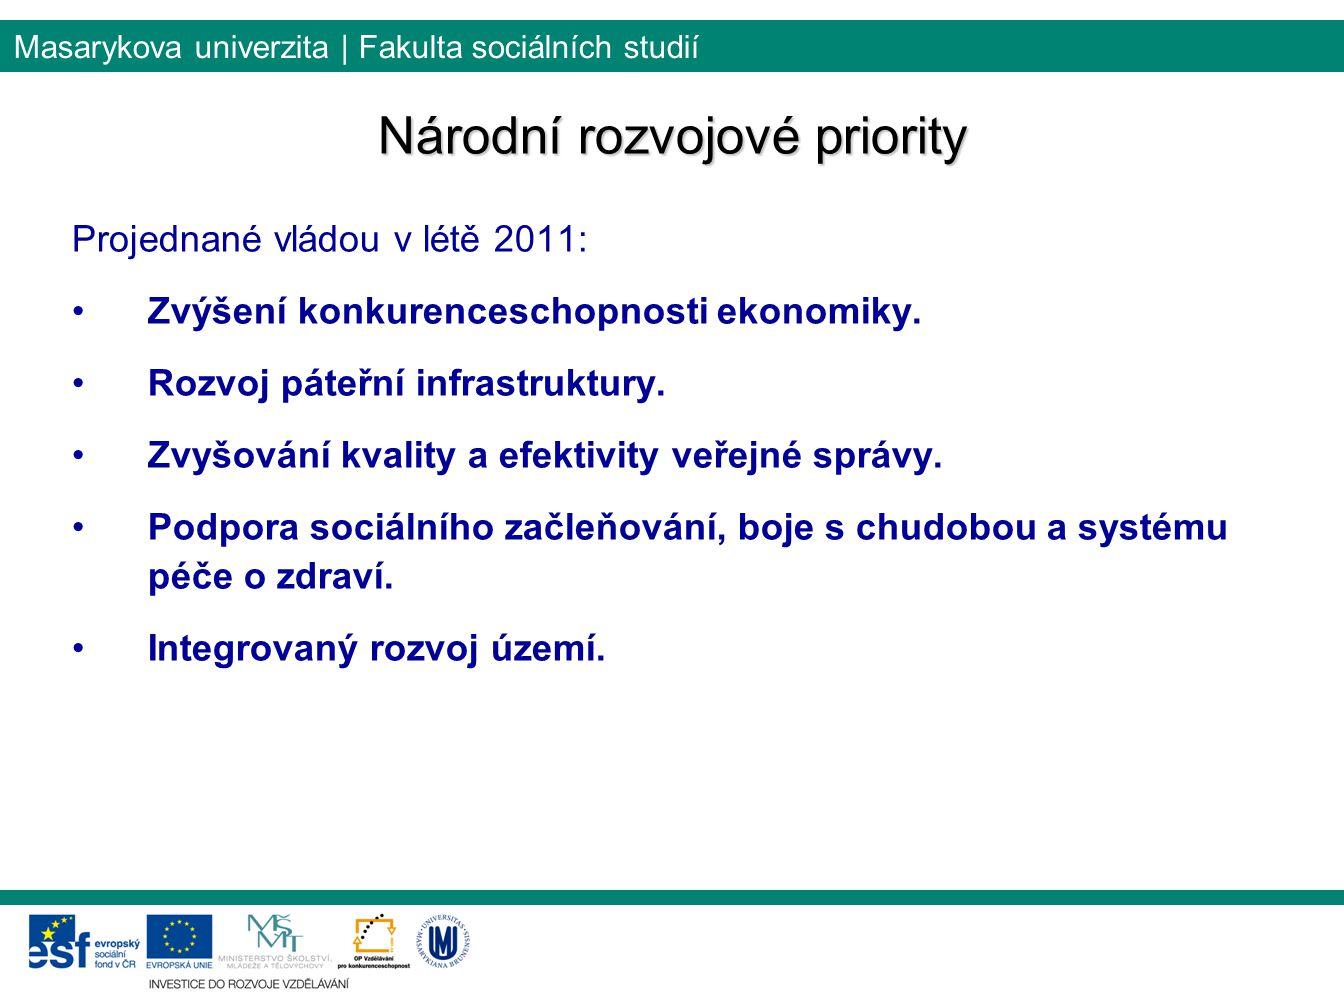 Masarykova univerzita | Fakulta sociálních studií Projednané vládou v létě 2011: Zvýšení konkurenceschopnosti ekonomiky. Rozvoj páteřní infrastruktury